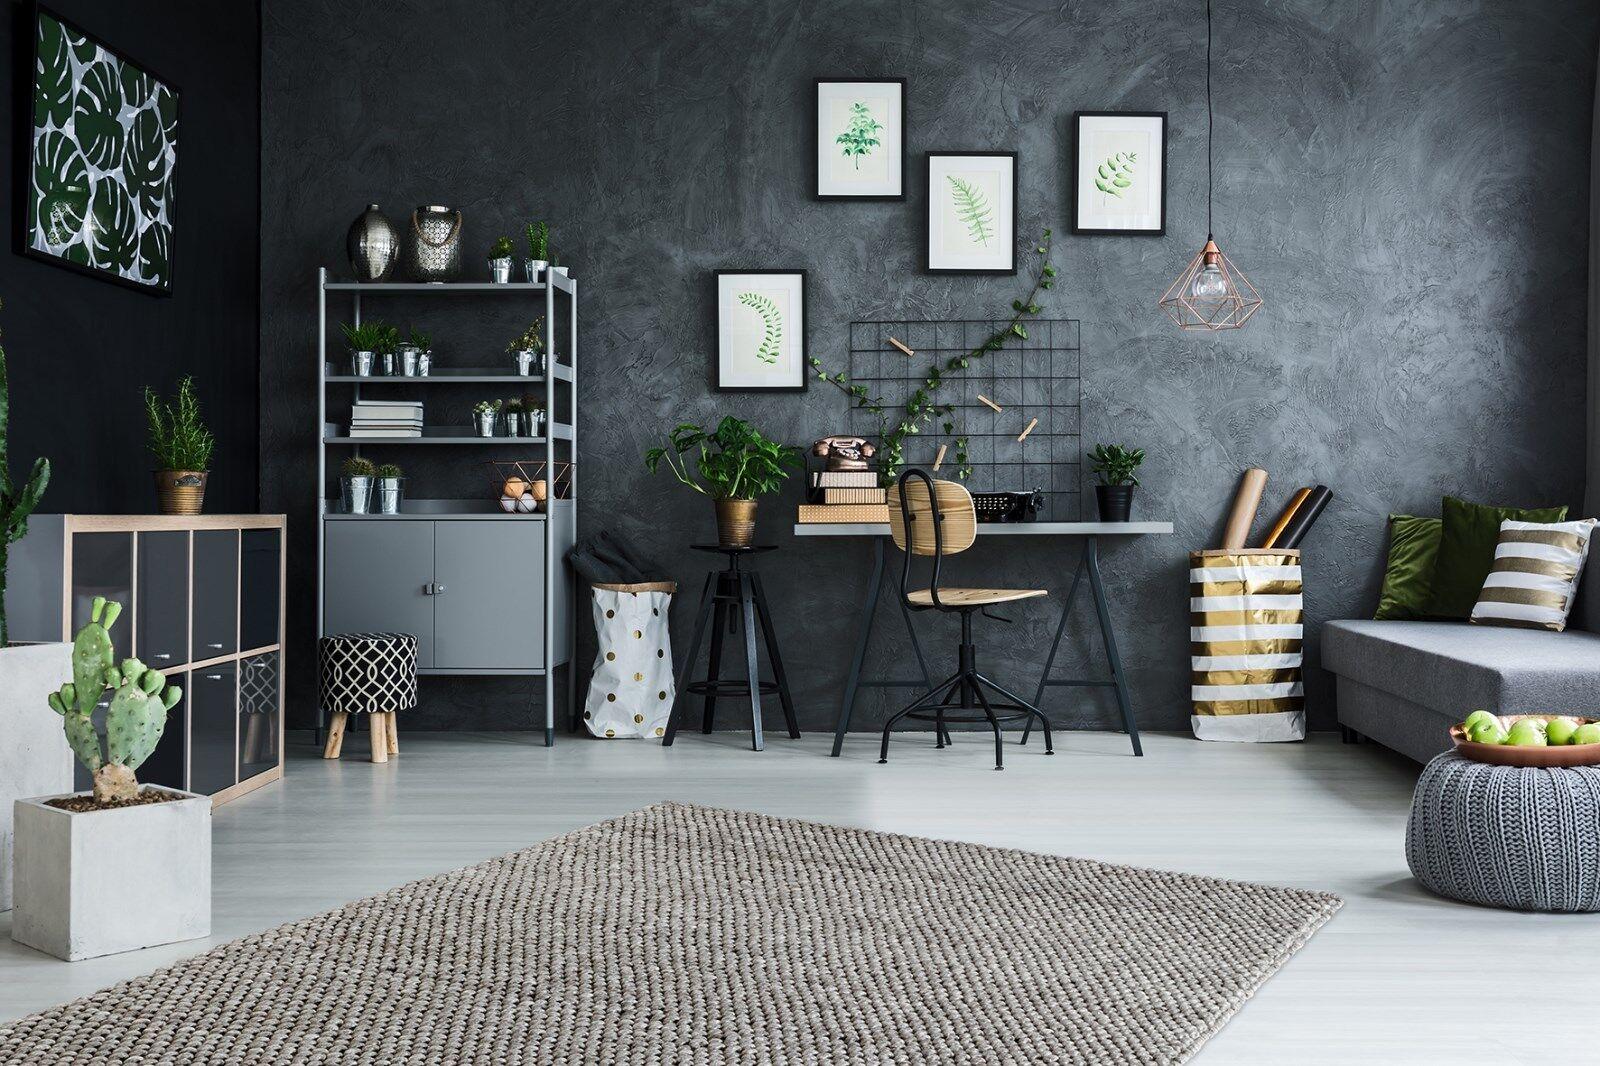 Handgefertigter Handgefertigter Handgefertigter Woll Teppich Loft modern zeitlos exclusiv deb50c